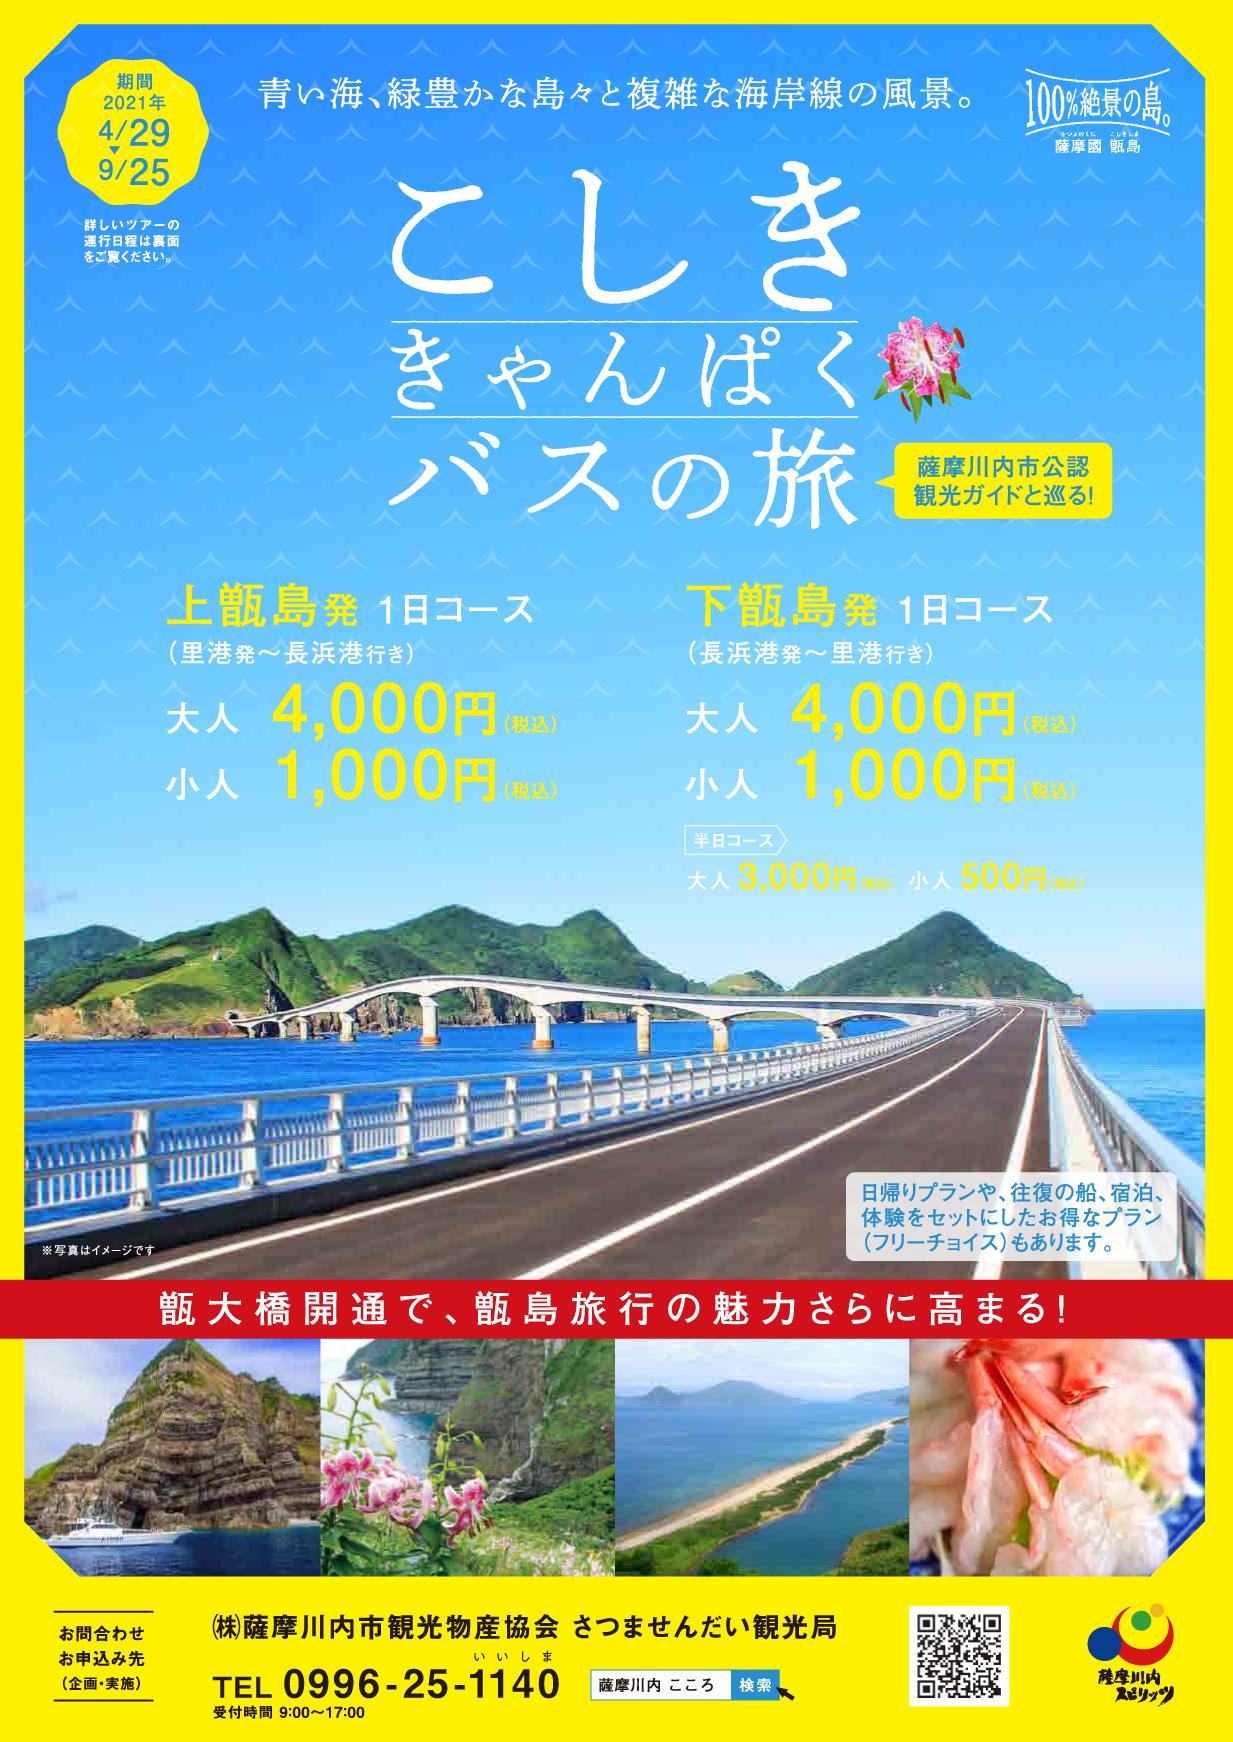 話題の甑大橋を薩摩川内市公認観光ガイドと渡る!「こしききゃんぱくバスの旅」